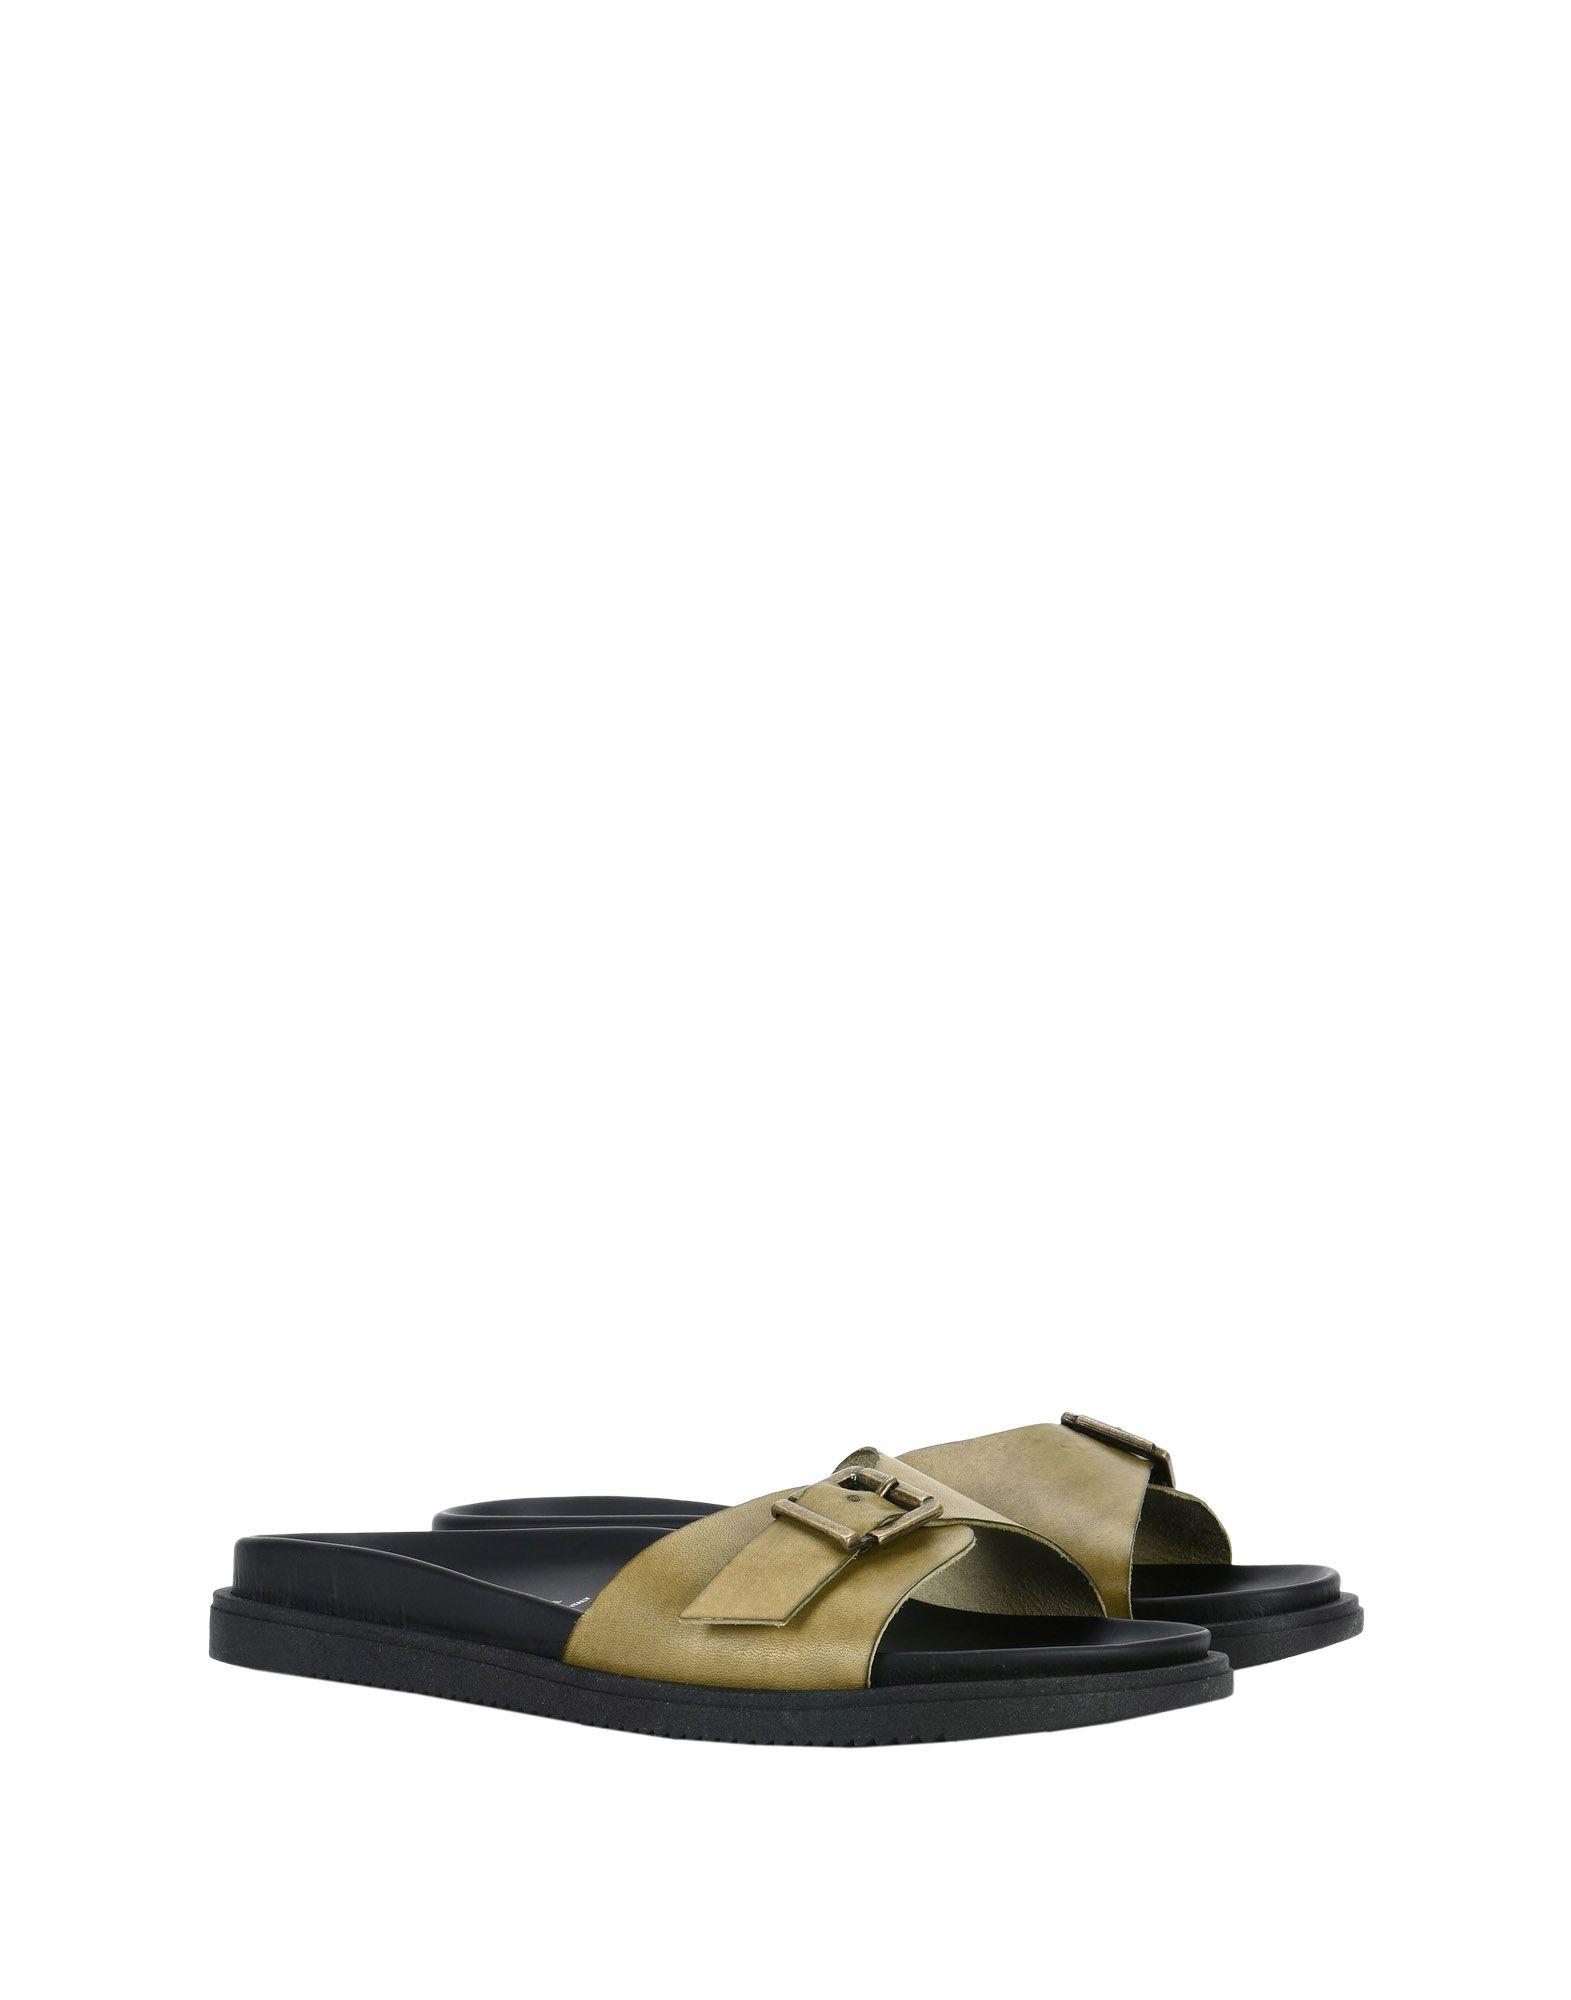 Sandales 8 Homme - Sandales 8 sur